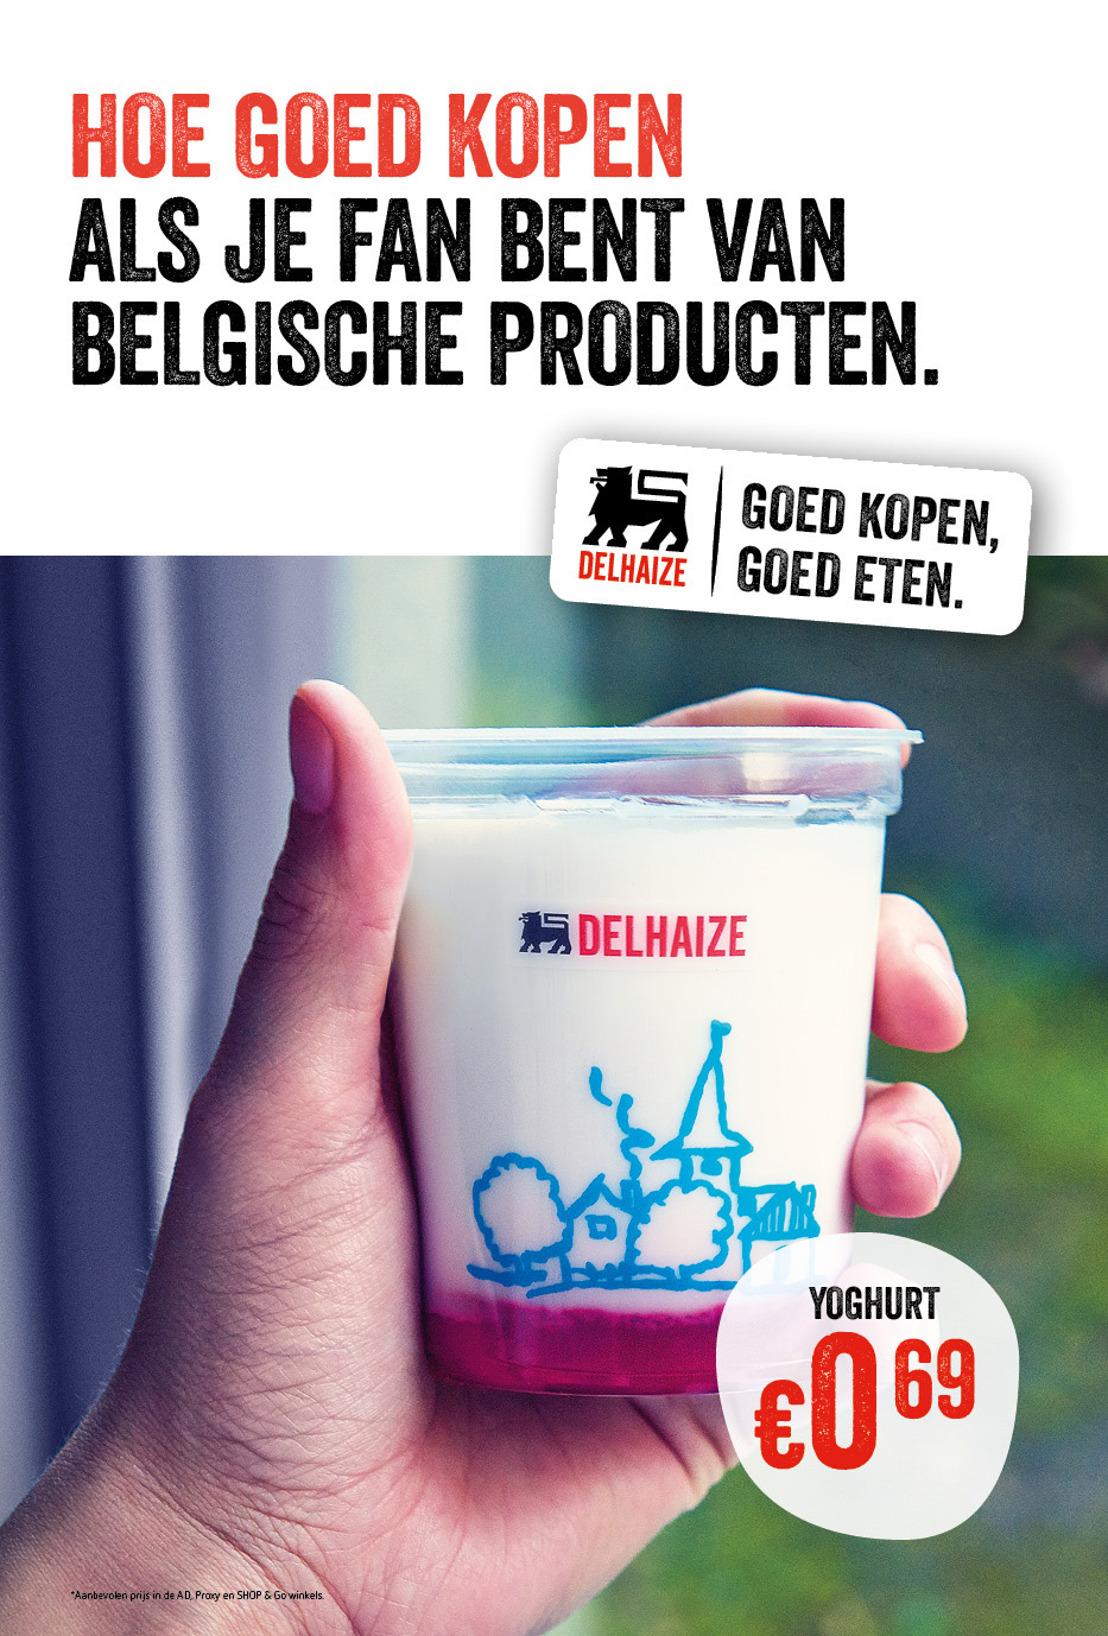 Delhaize werd recent verkozen tot 'Retailer van het jaar 2015' en pakt nu uit met een nieuwe, verrassende marketingaanpak.